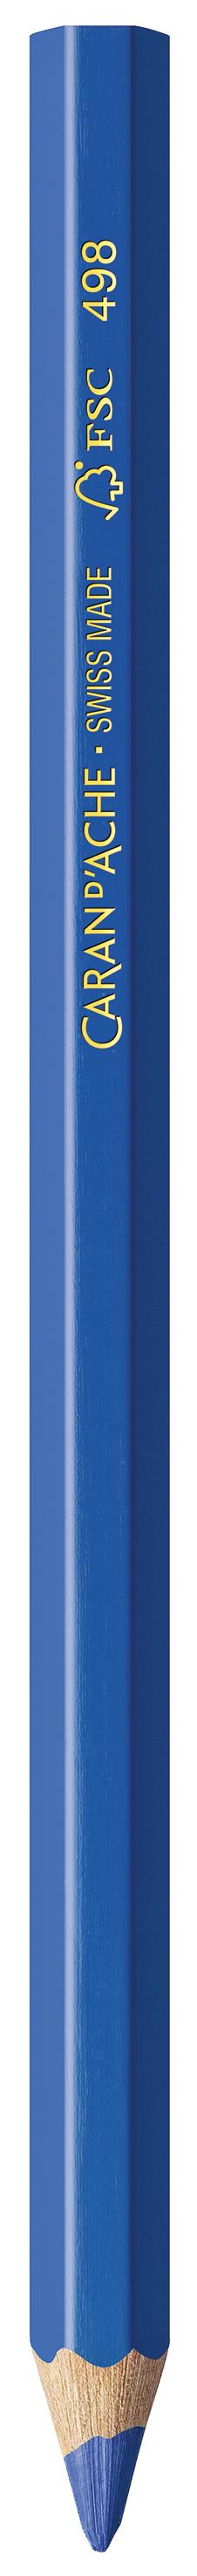 Fancolor Pencil Carandache